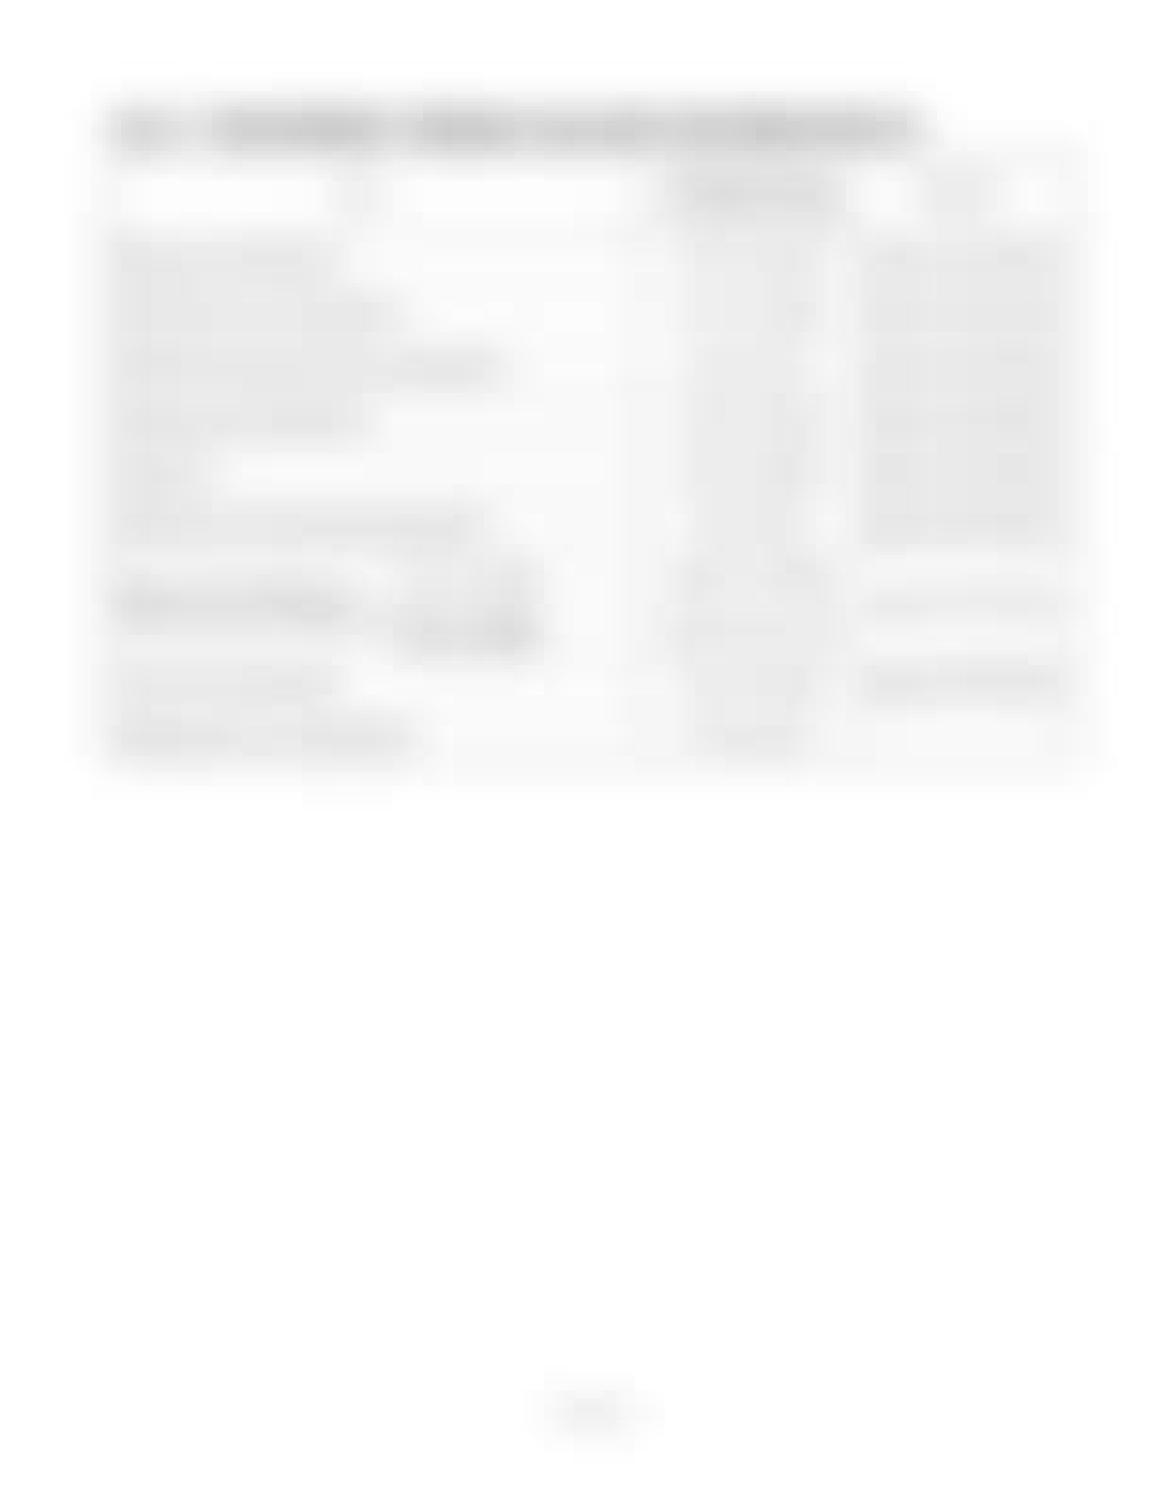 Hitachi LX110-7 LX130-7 LX160-7 LX190-7 LX230-7 Wheel Loader Workshop Manual - PDF DOWNLOAD page 255